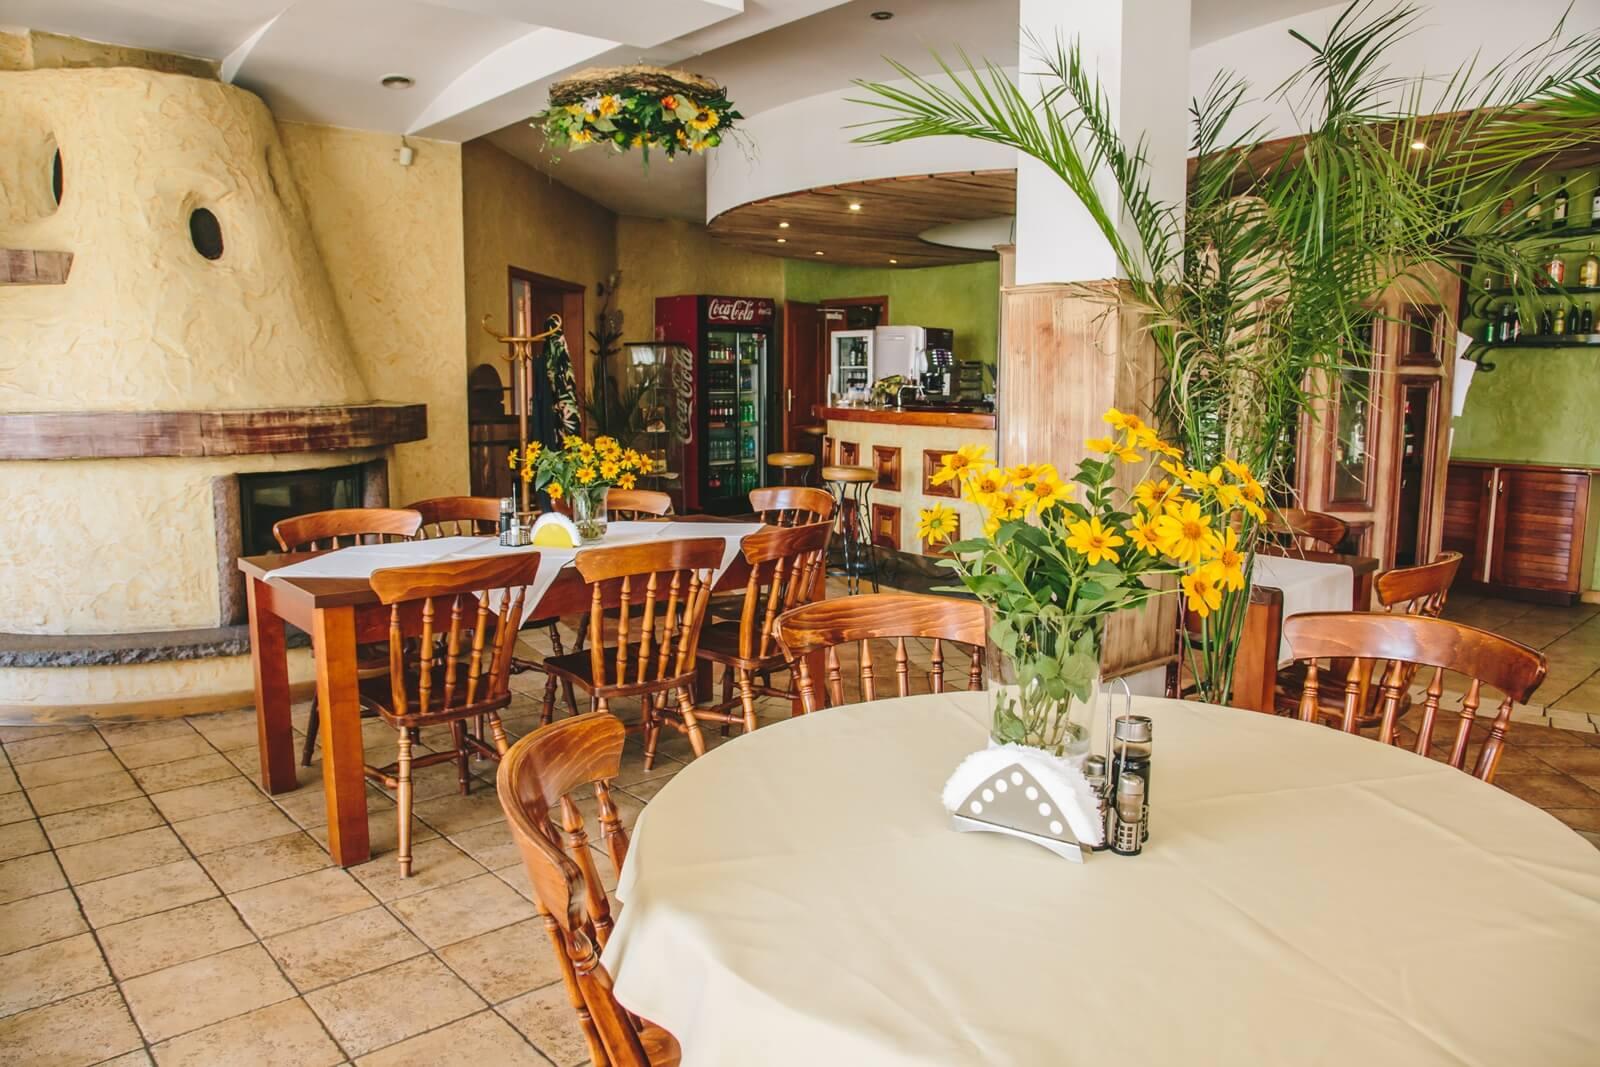 restauracja zodiak stoliki w sali